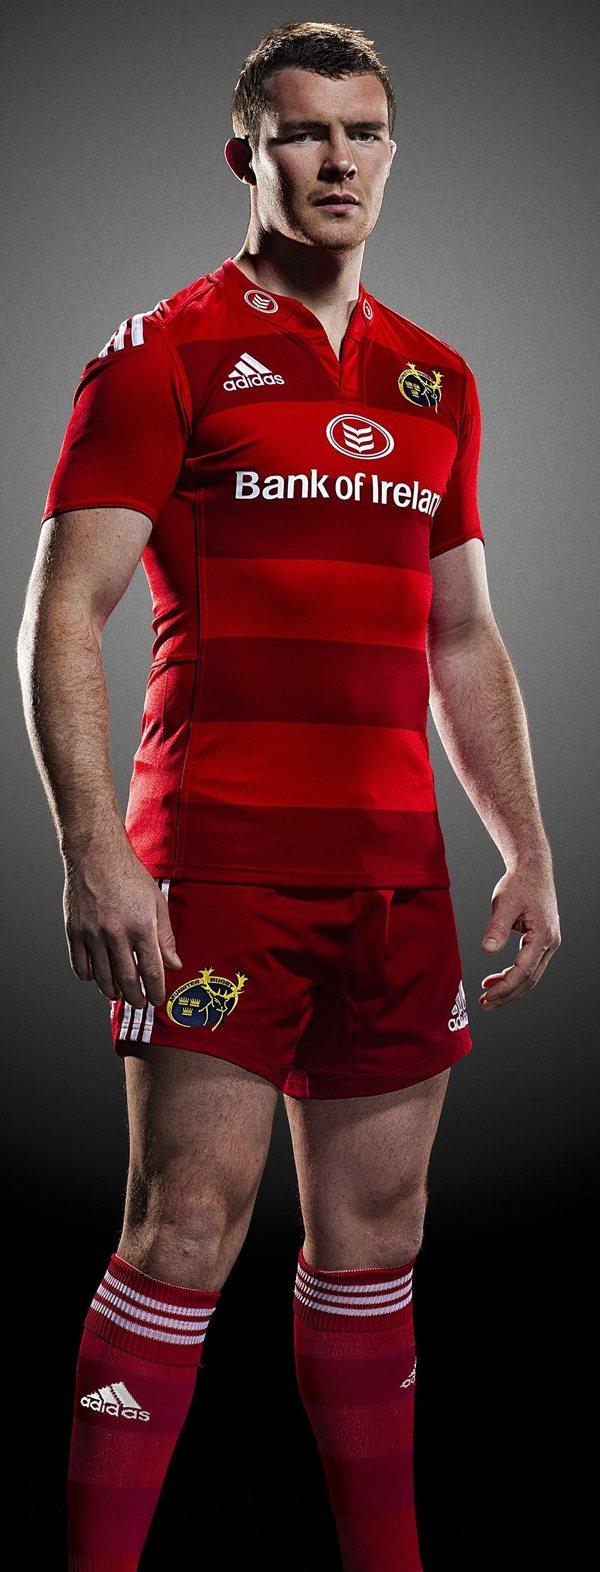 Confrontar Escéptico Ejército  New Munster European Jersey 2014/15- Adidas Red Munster ERC Shirt ...